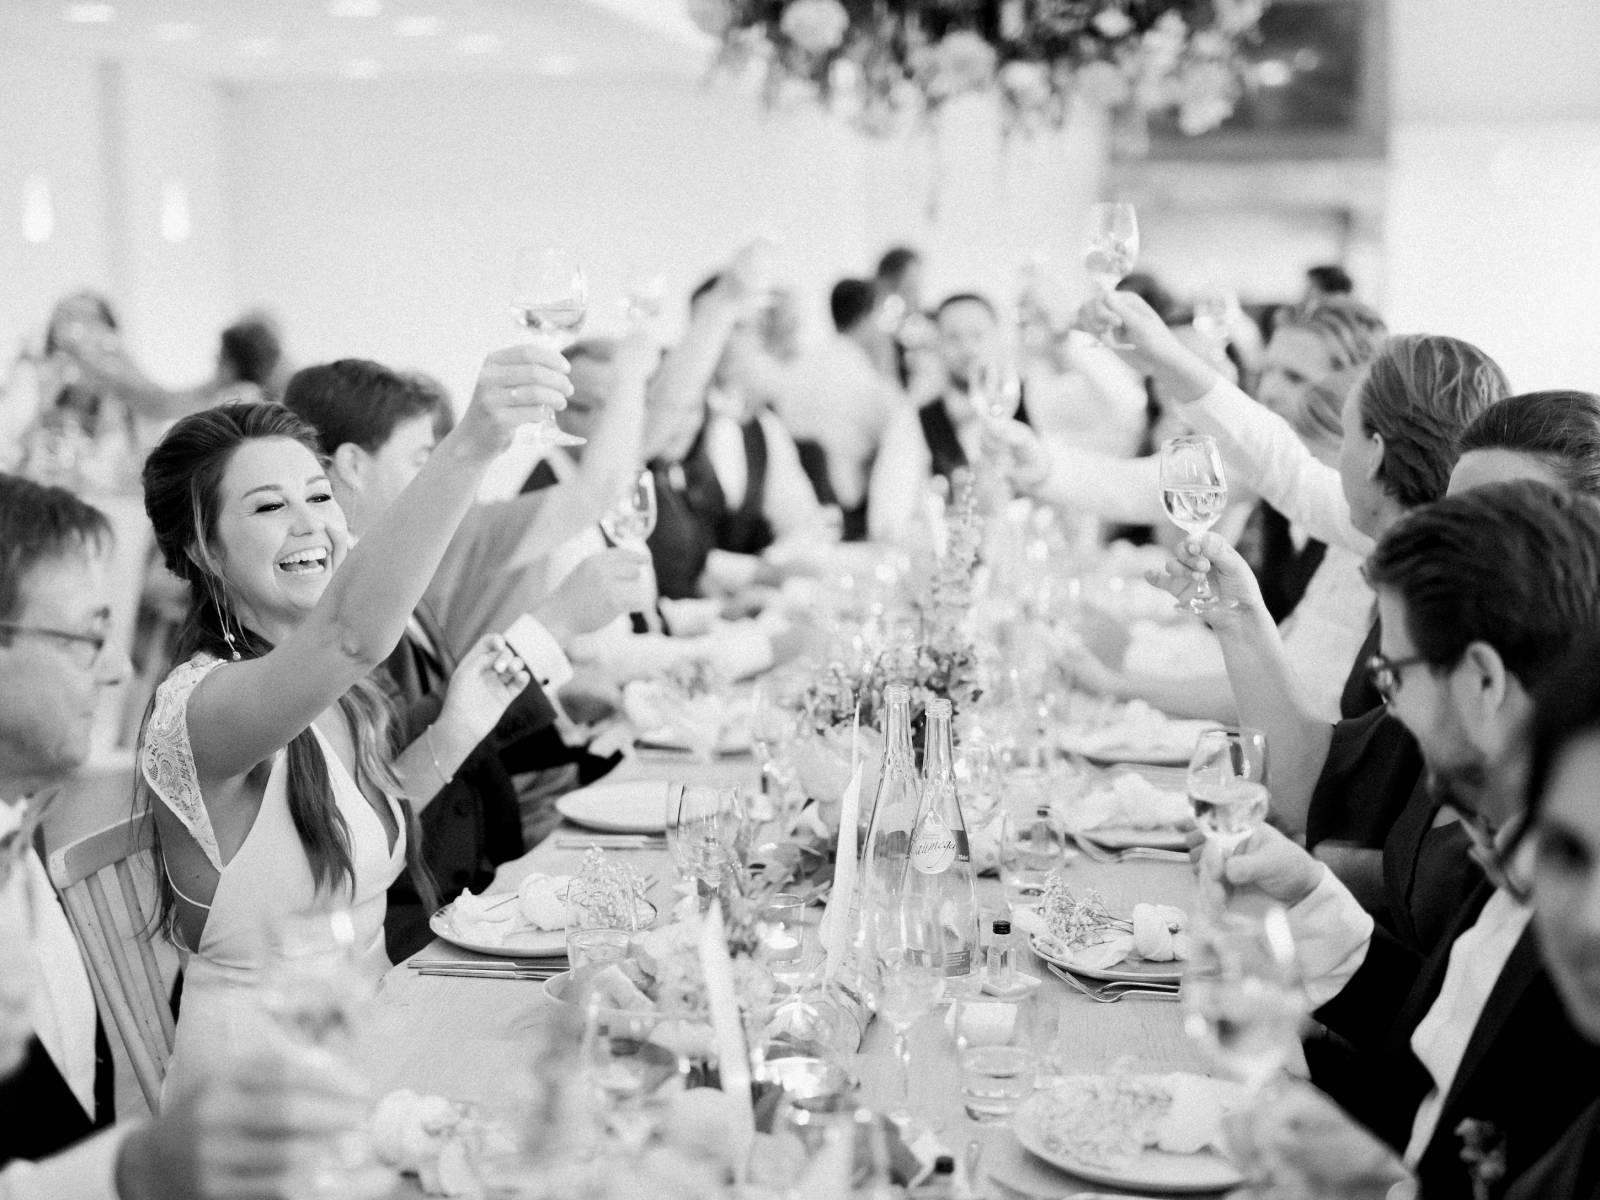 Elisabeth Van Lent - Huwelijksfotograaf - Fine Art - House of Weddings - 25